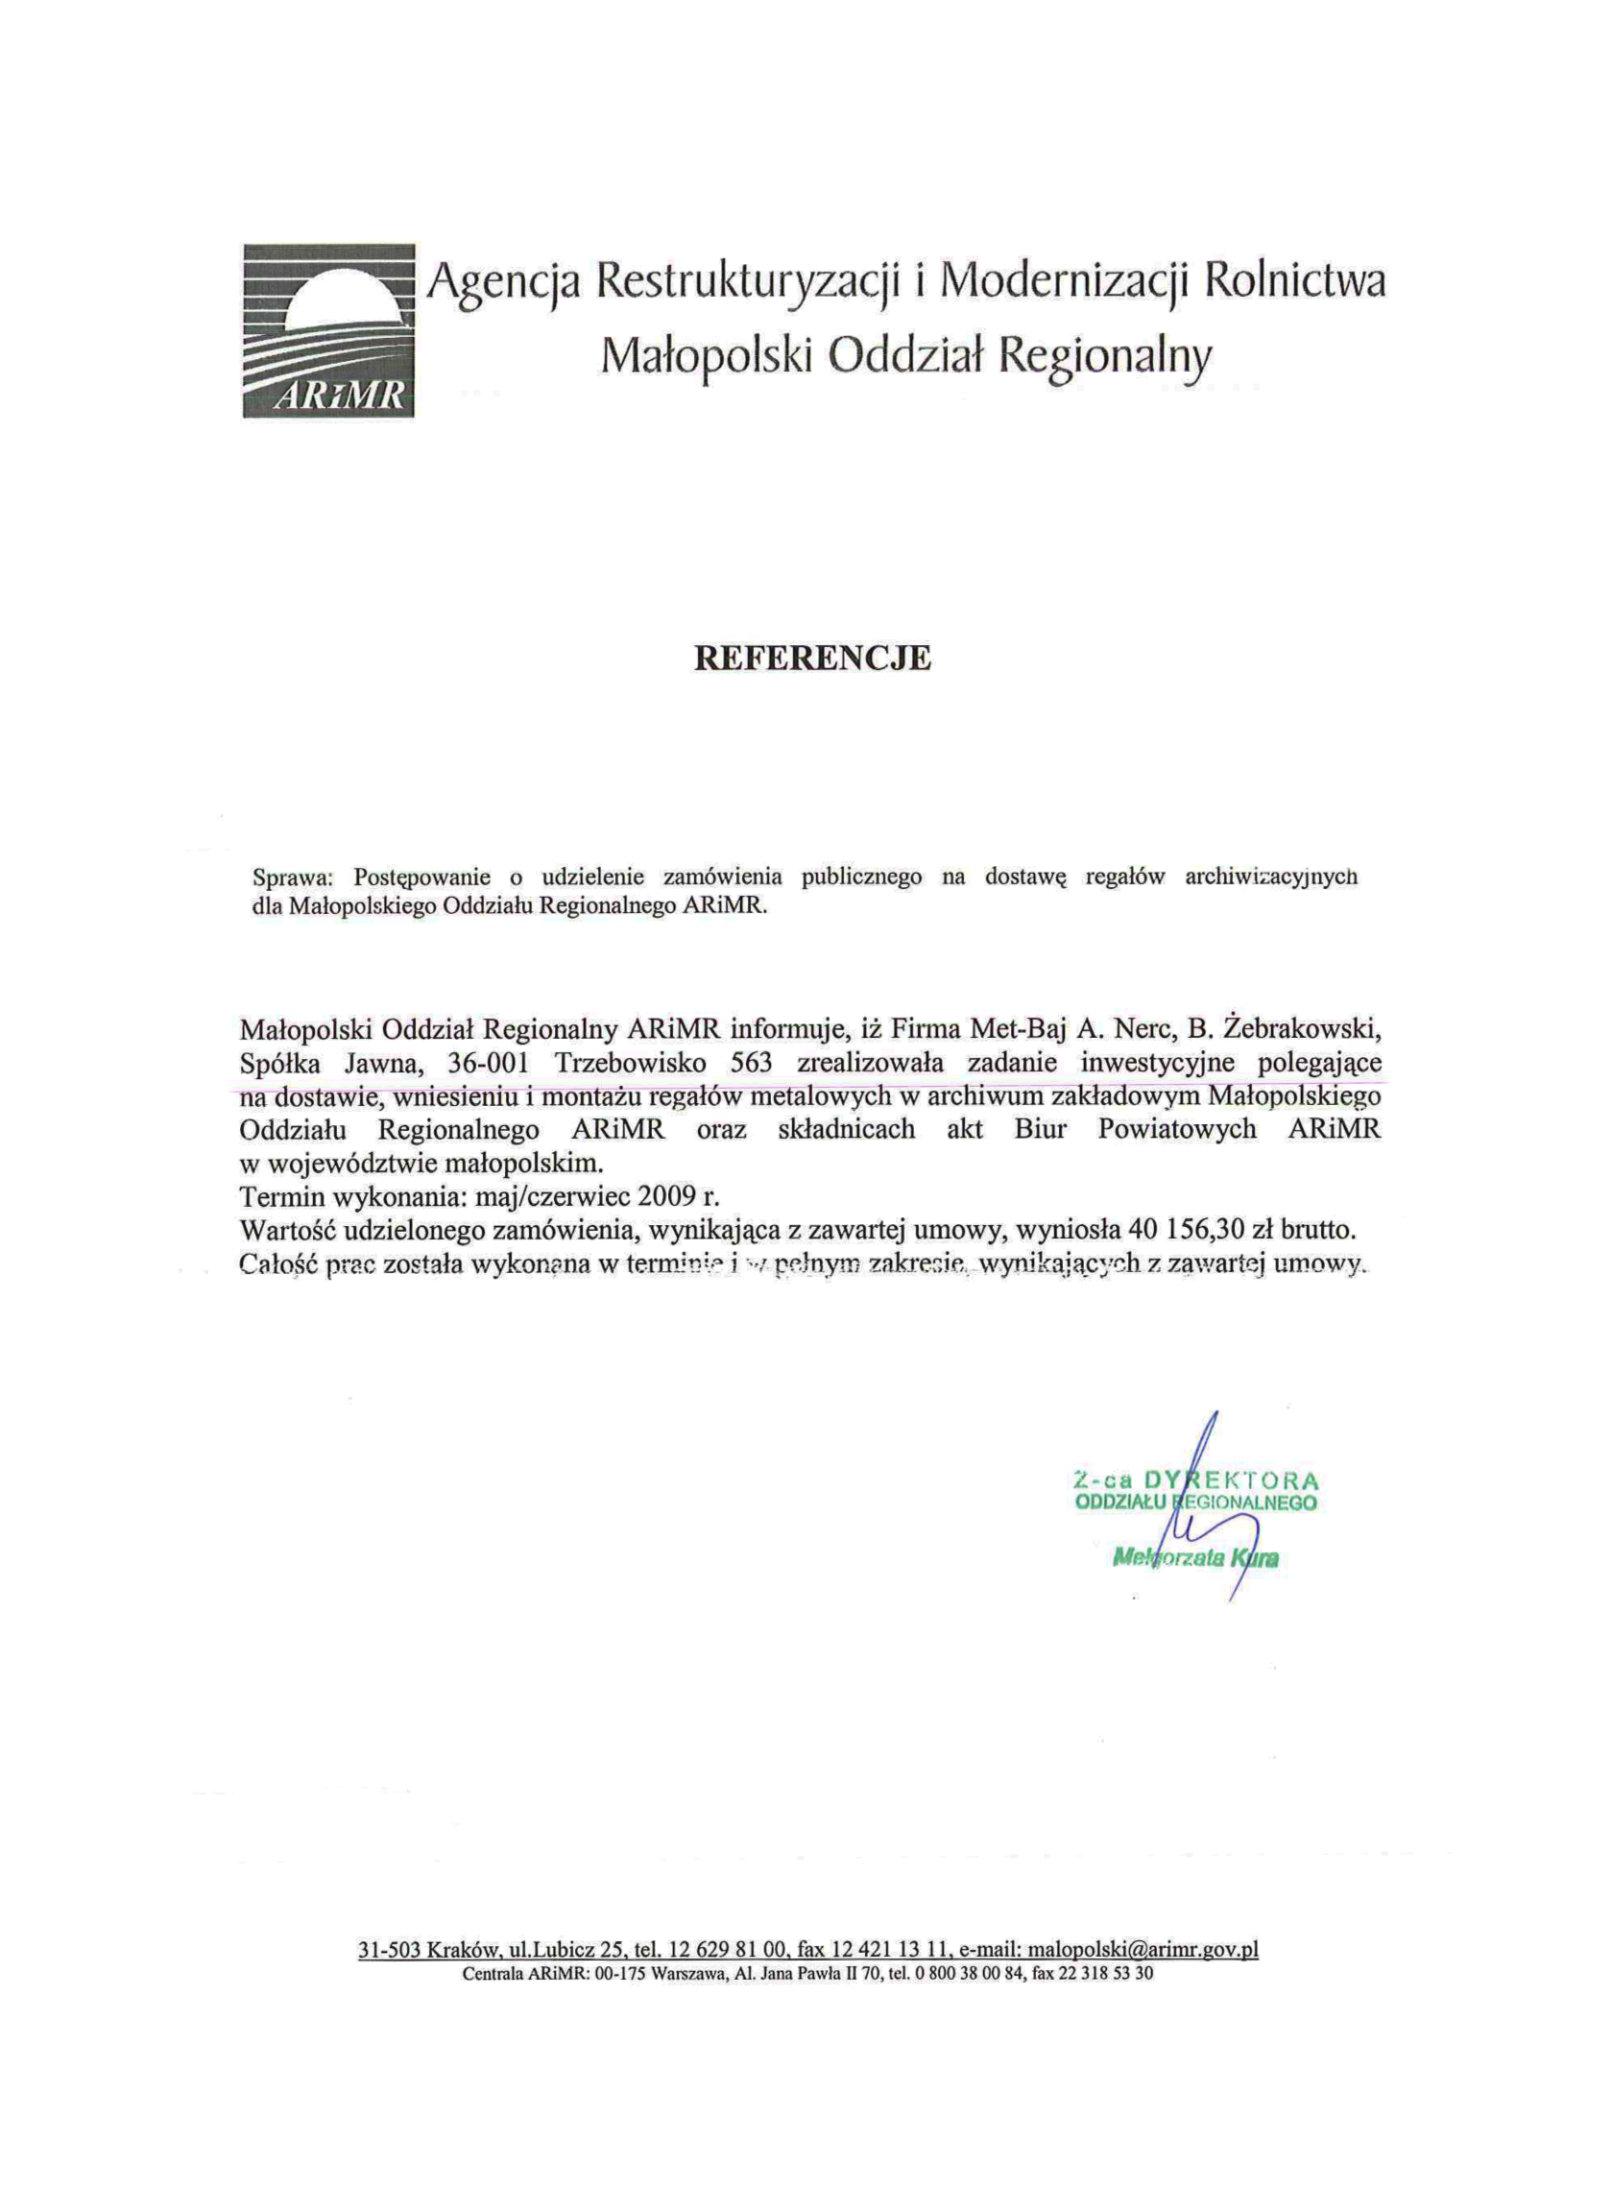 Referencje Małopolski Oddział Regionalny ARiMR